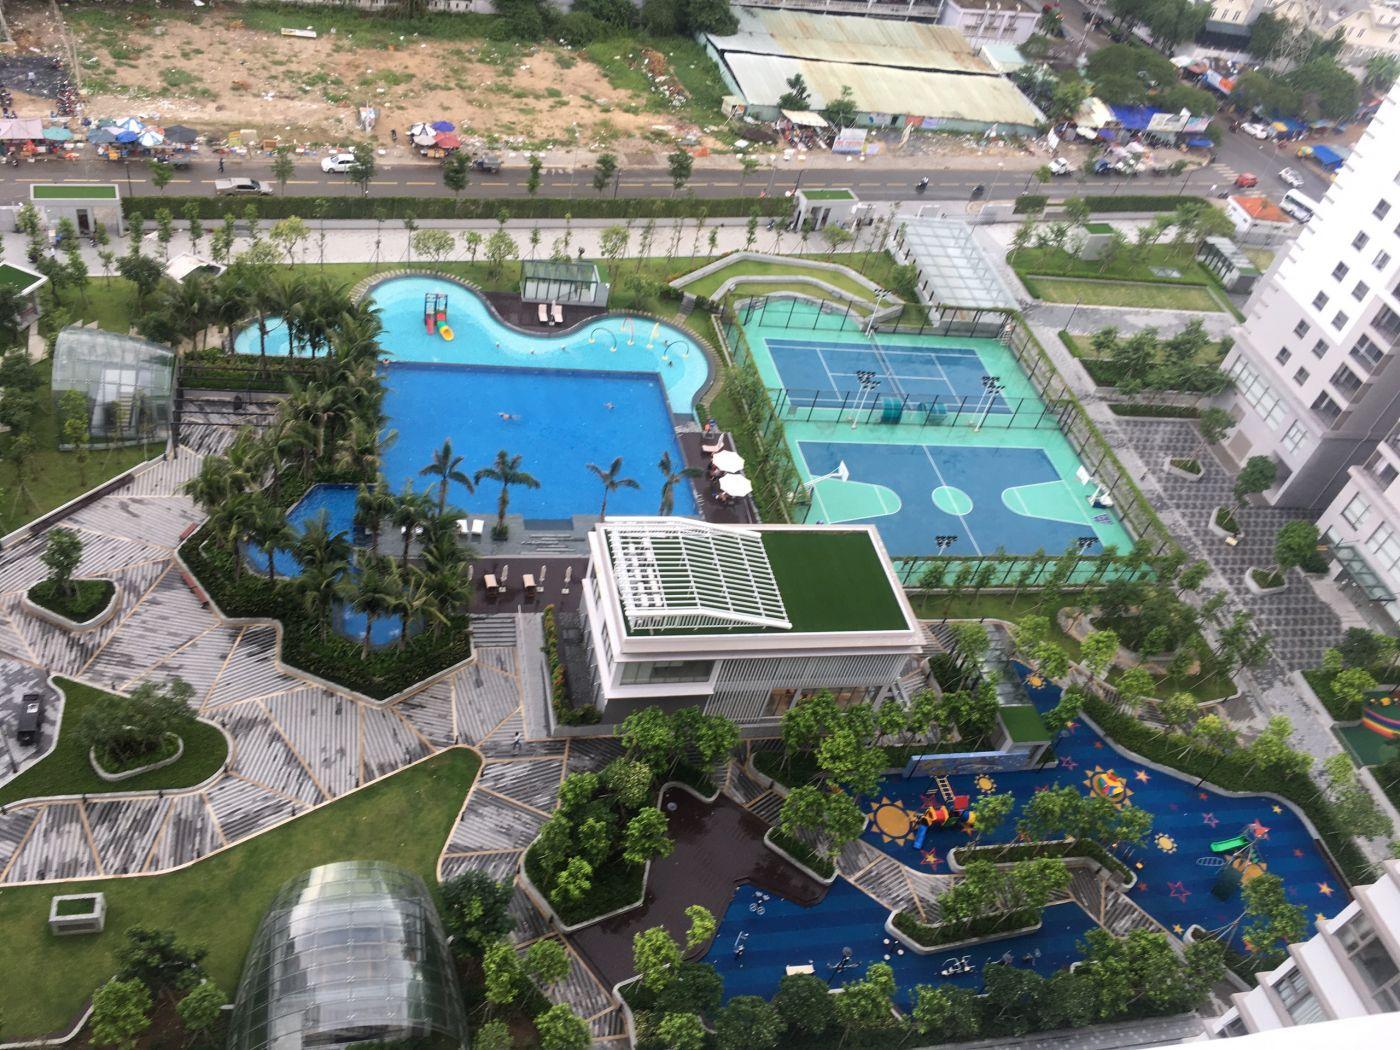 chính chủ cần bán gấp căn hộ 2 phòng ngủ Saigon South. View Nam thoáng mát. Nhà mới chưa ở.